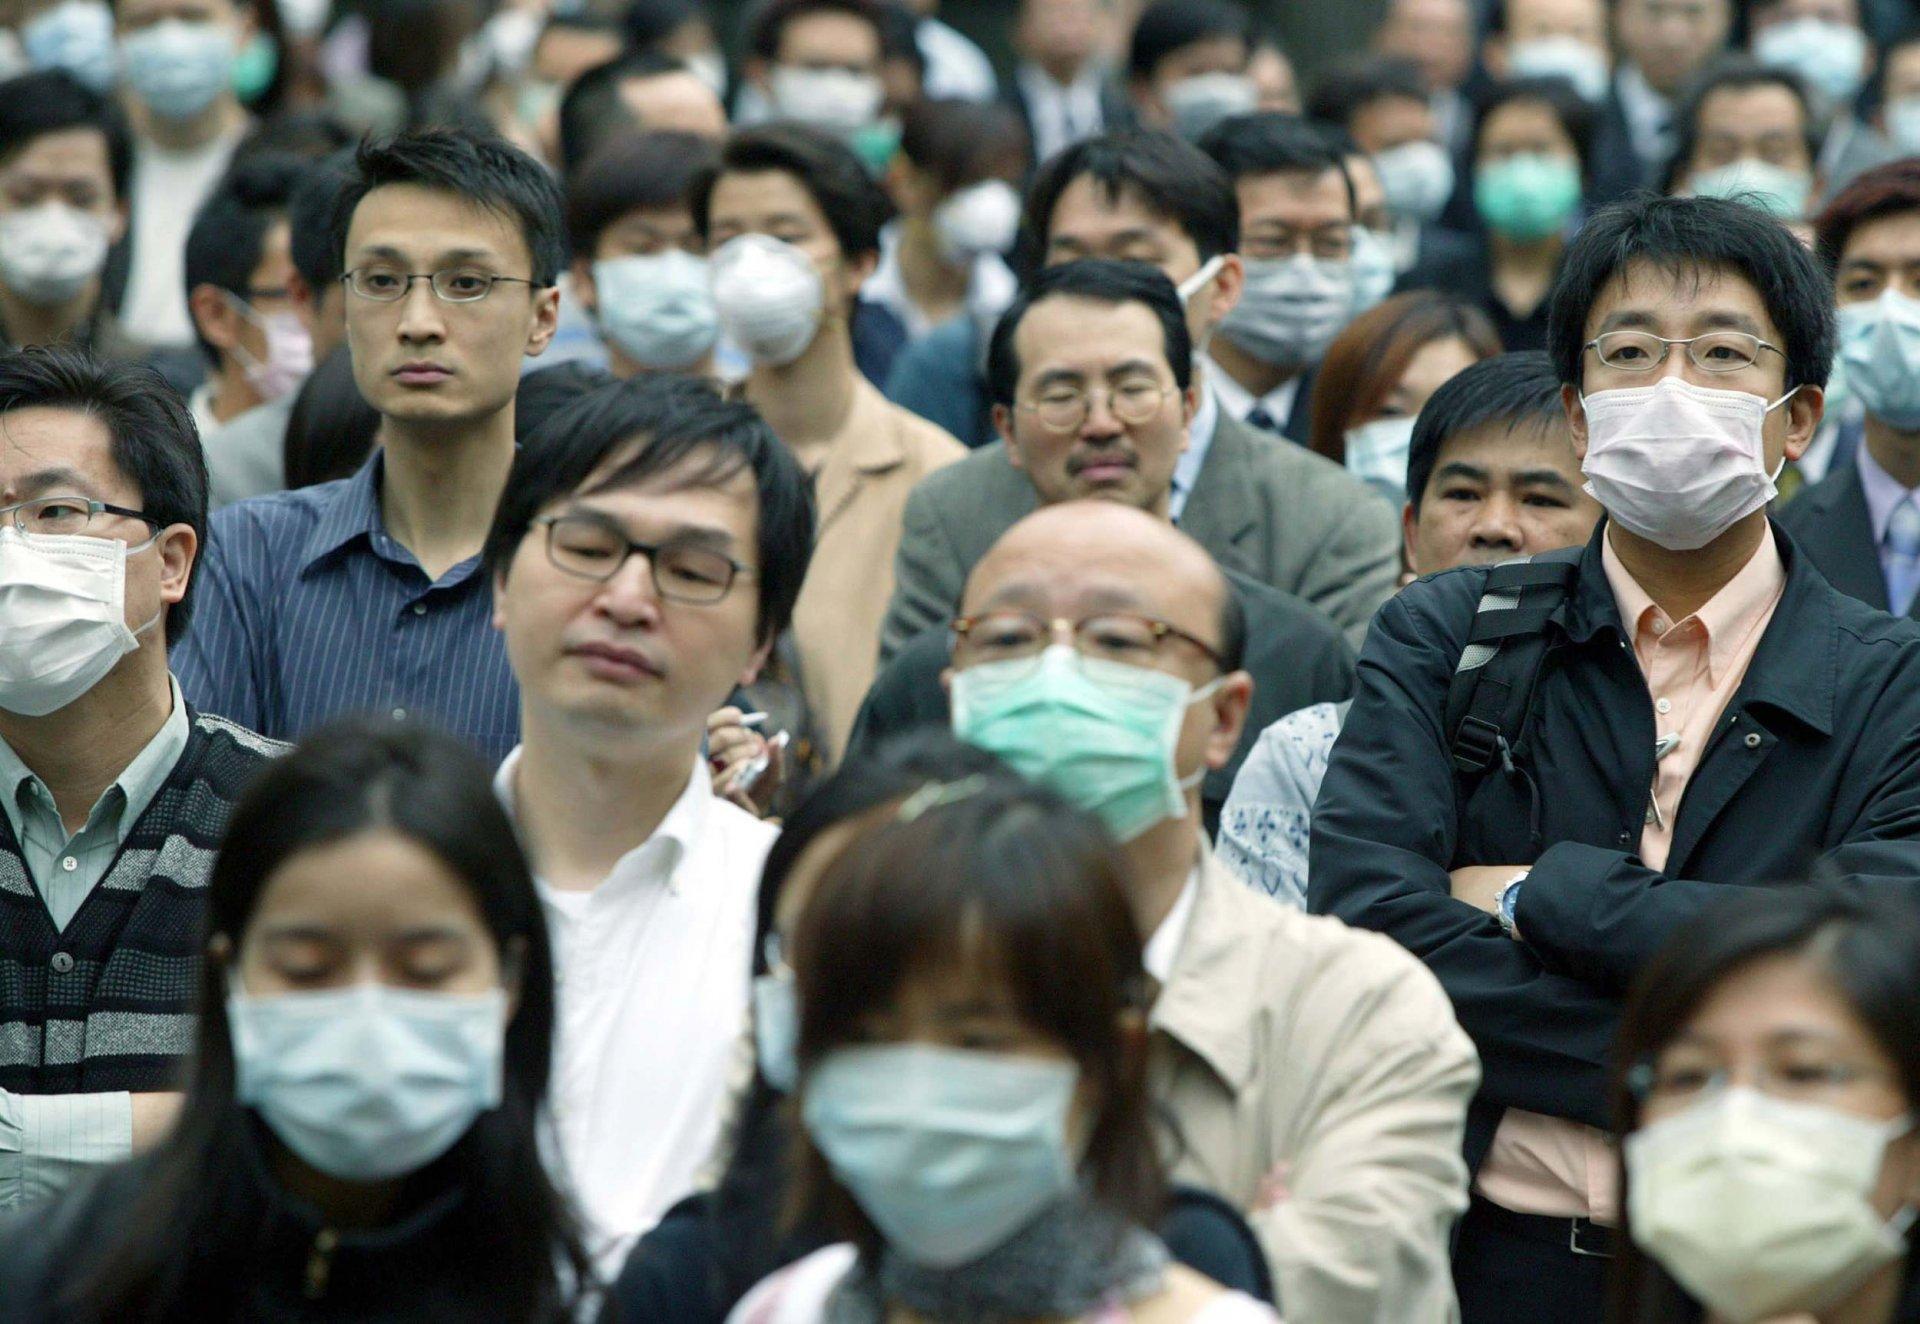 Коронавирусын улмаас амь үрэгдсэн хүмүүсийн тоо 26-д хүрч, халдварын тохиолдол 800 давлаа